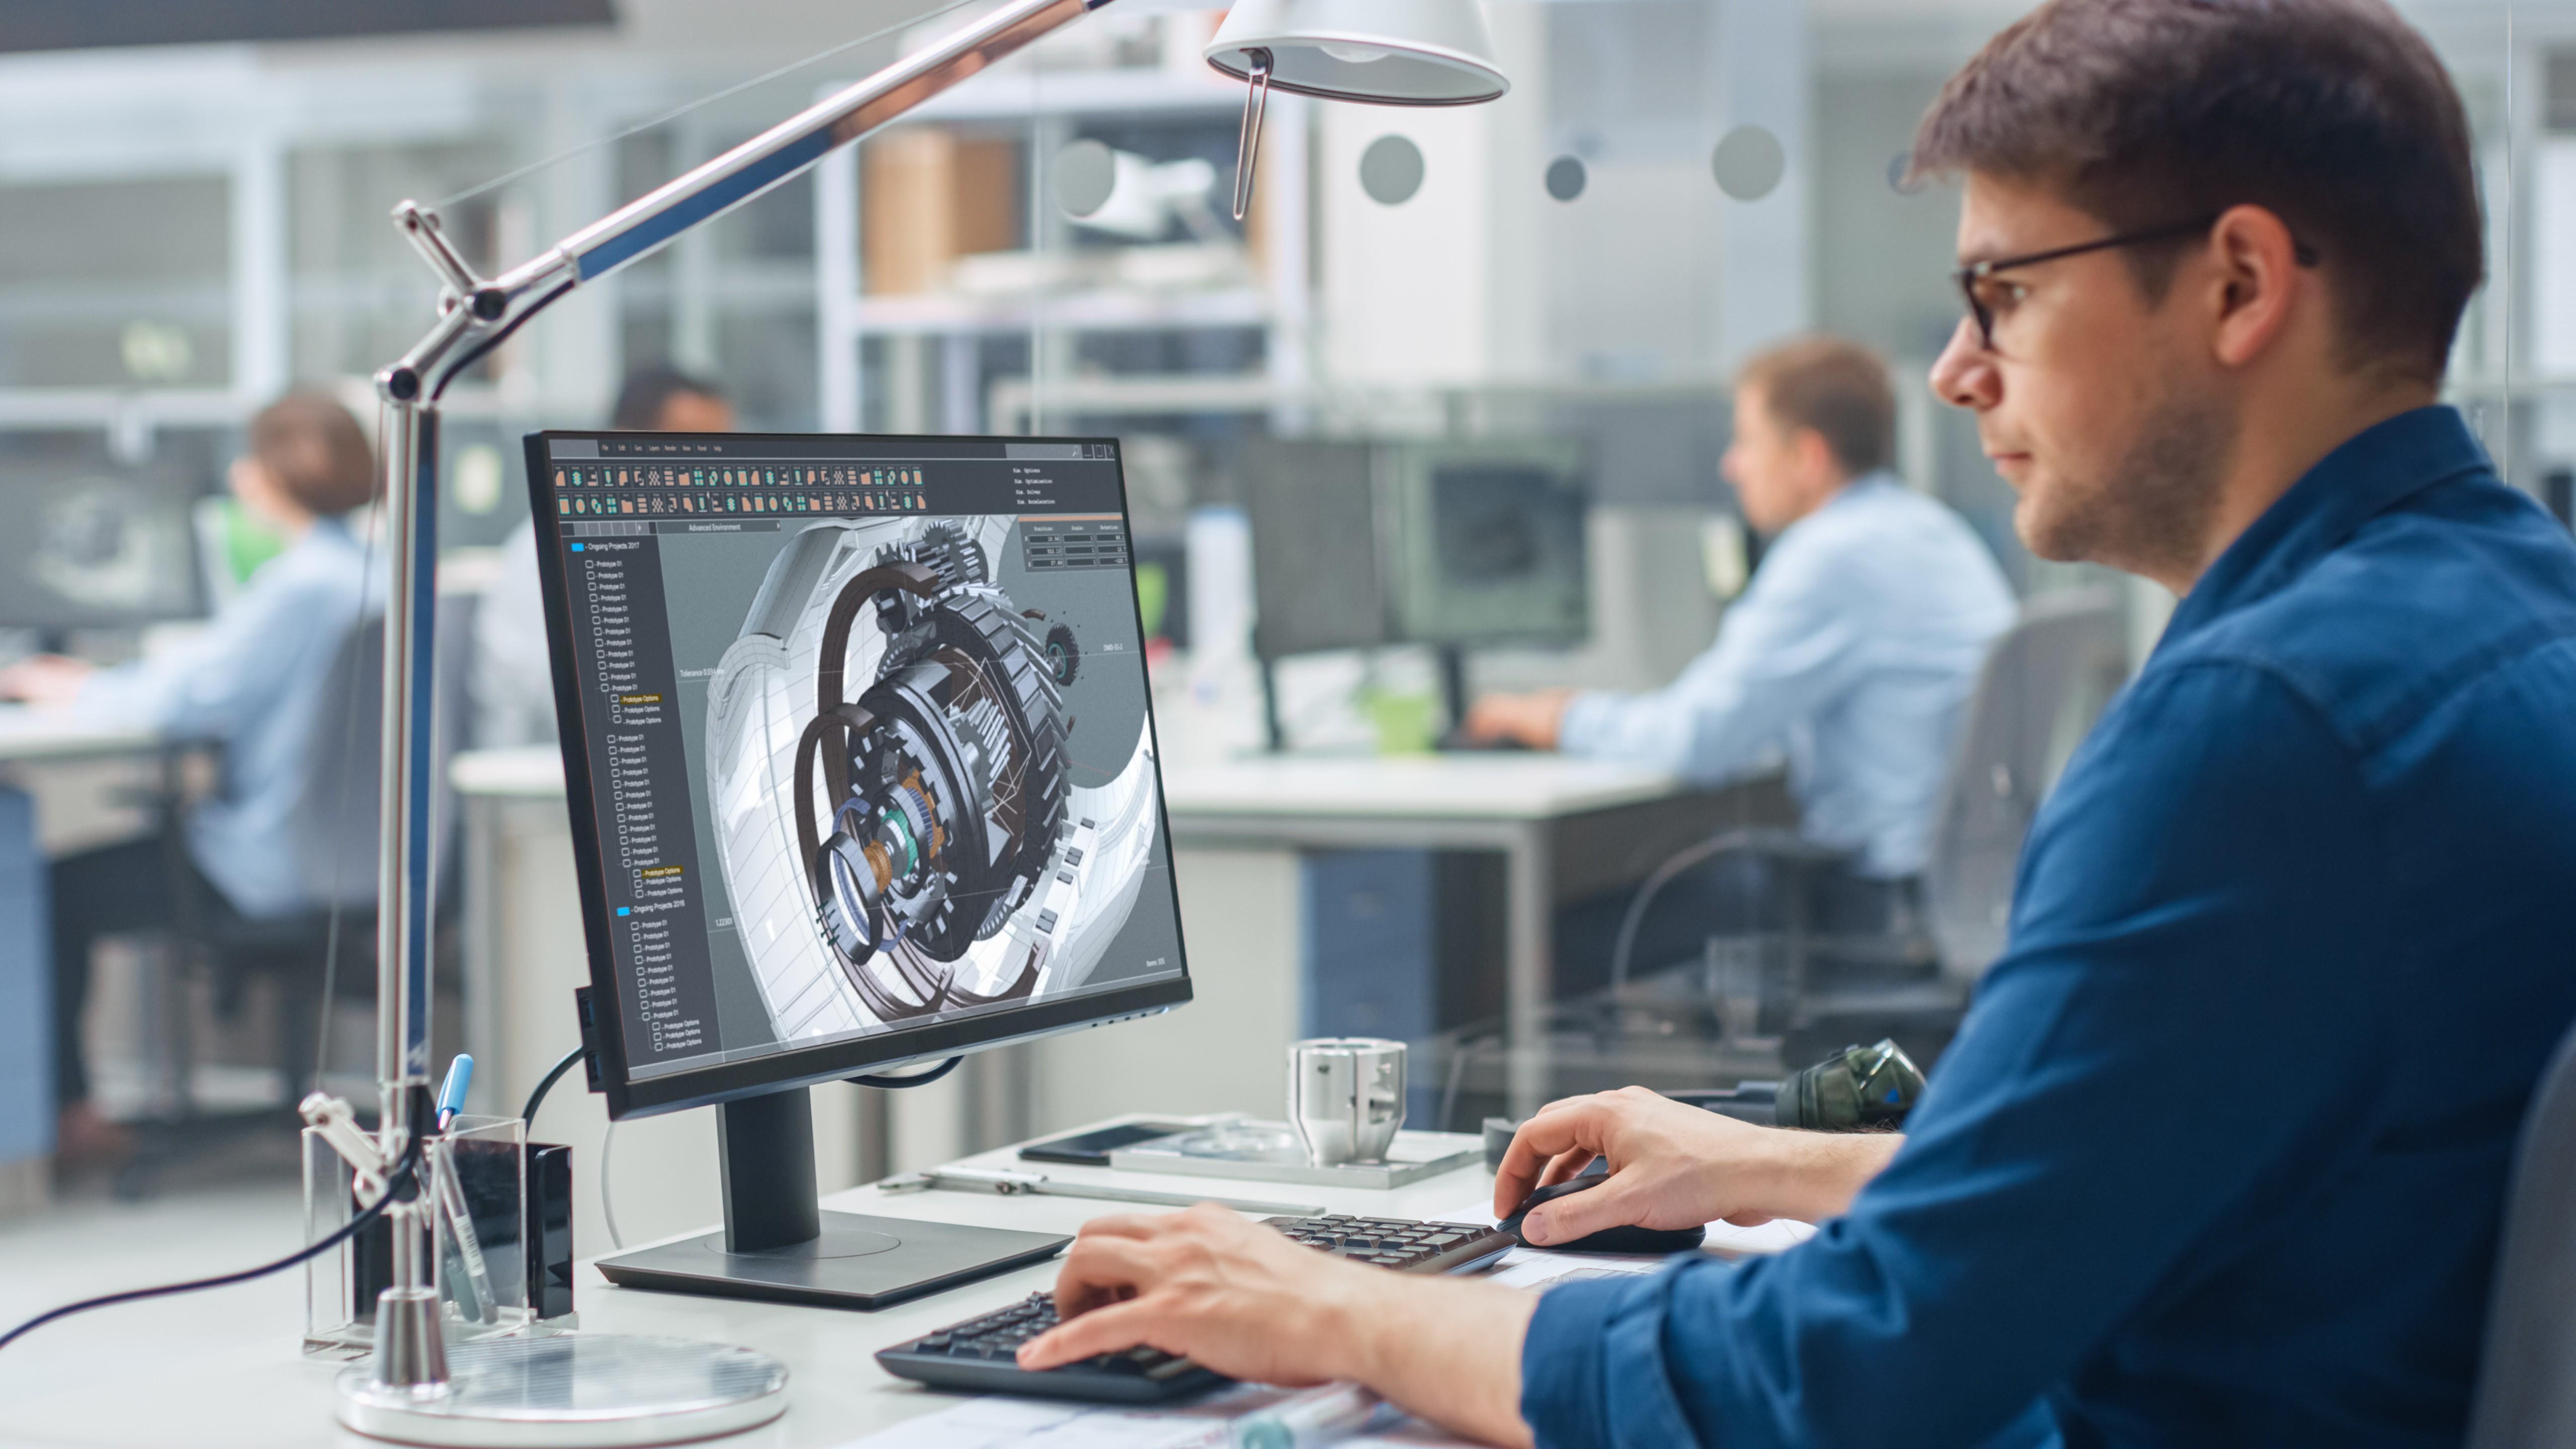 profissional da engenharia de produção trabalhando com desenvolvimento de produto no computador